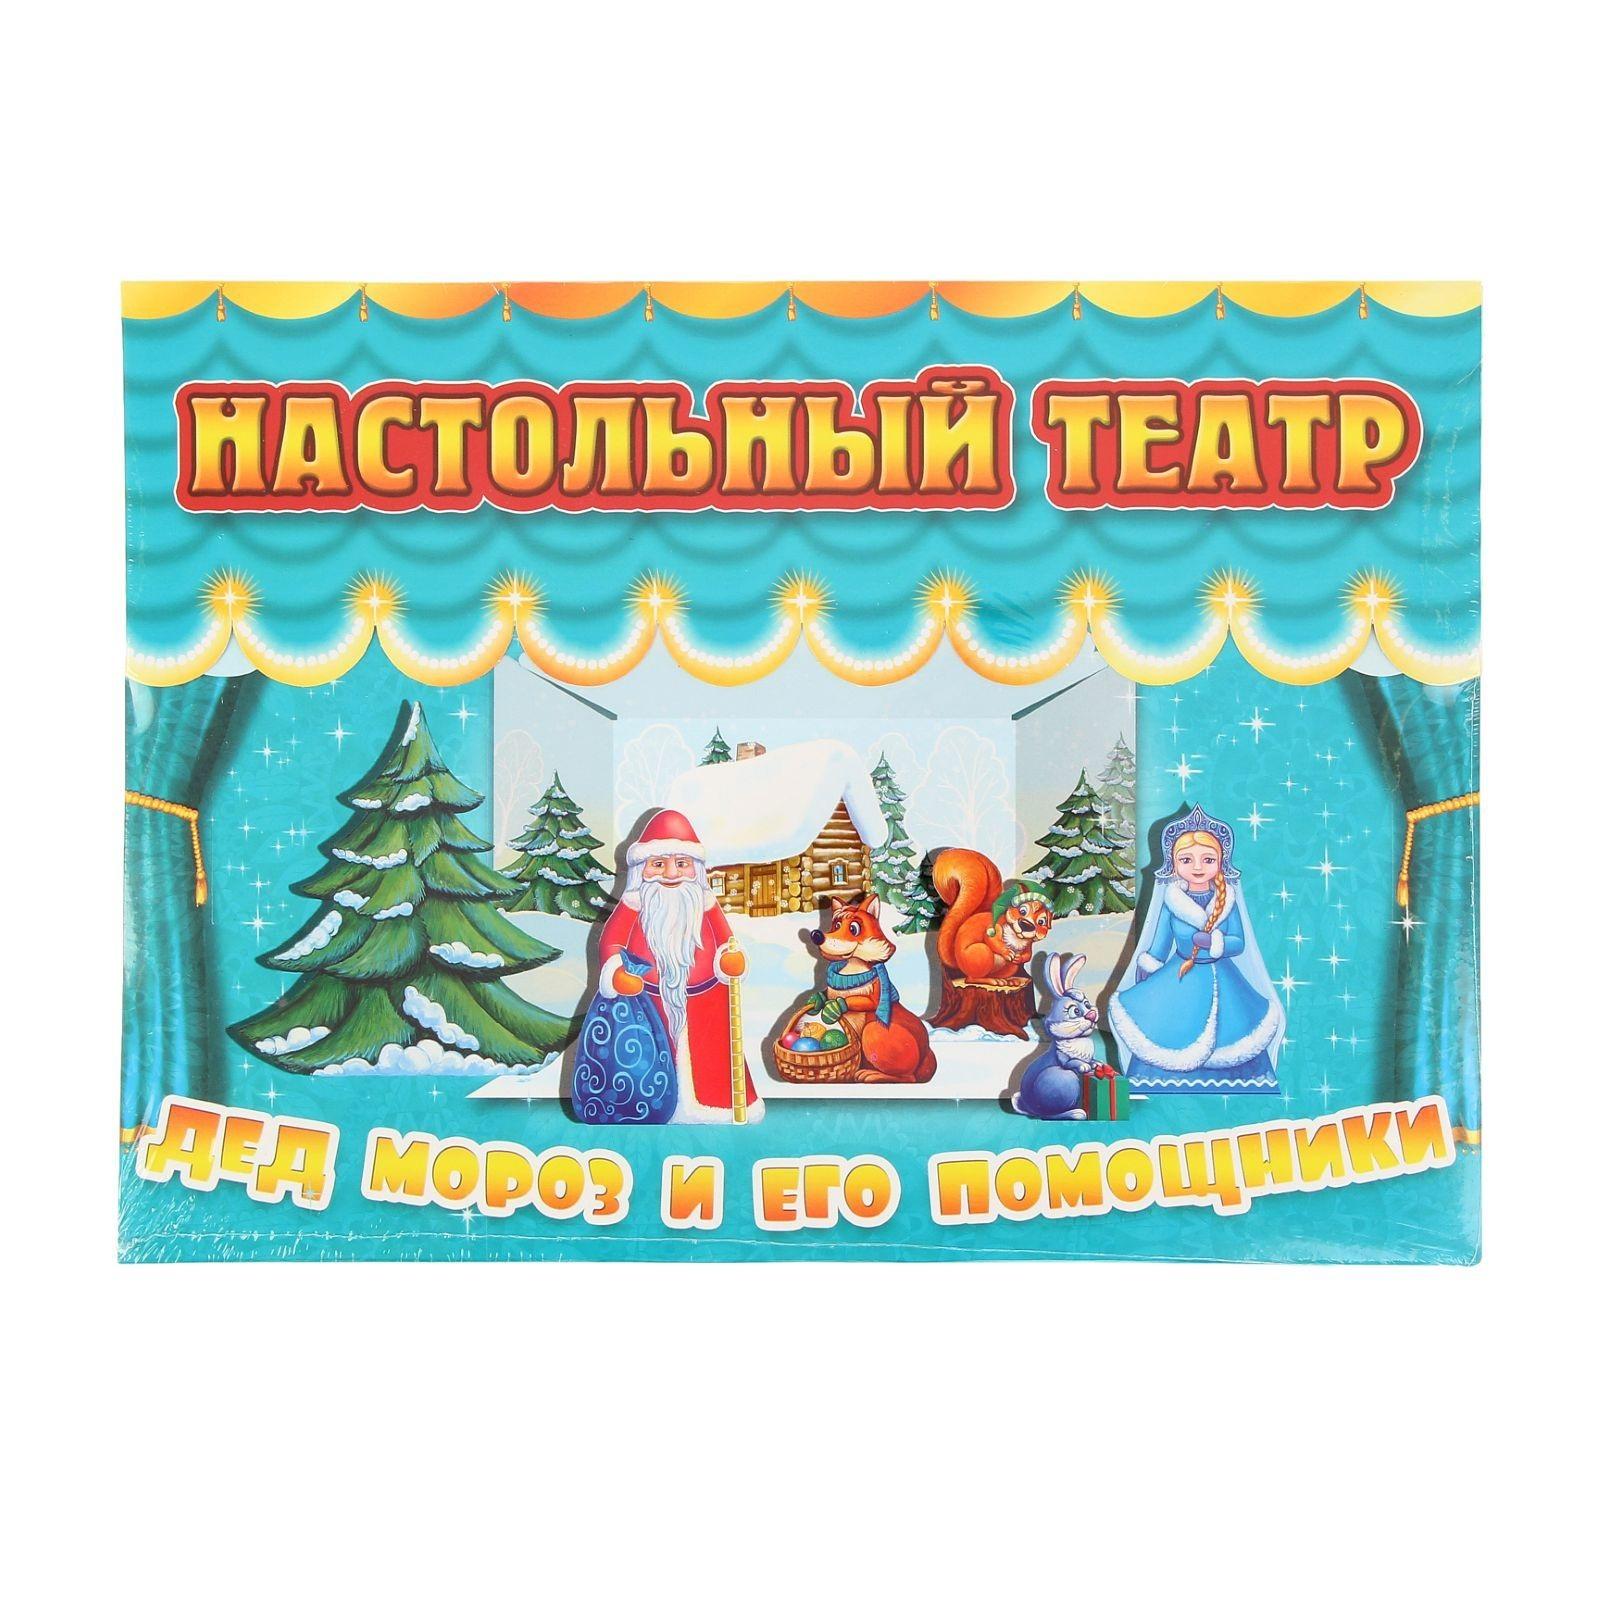 АКЦИЯ19 Настольный театр. Дед Мороз и его помощники